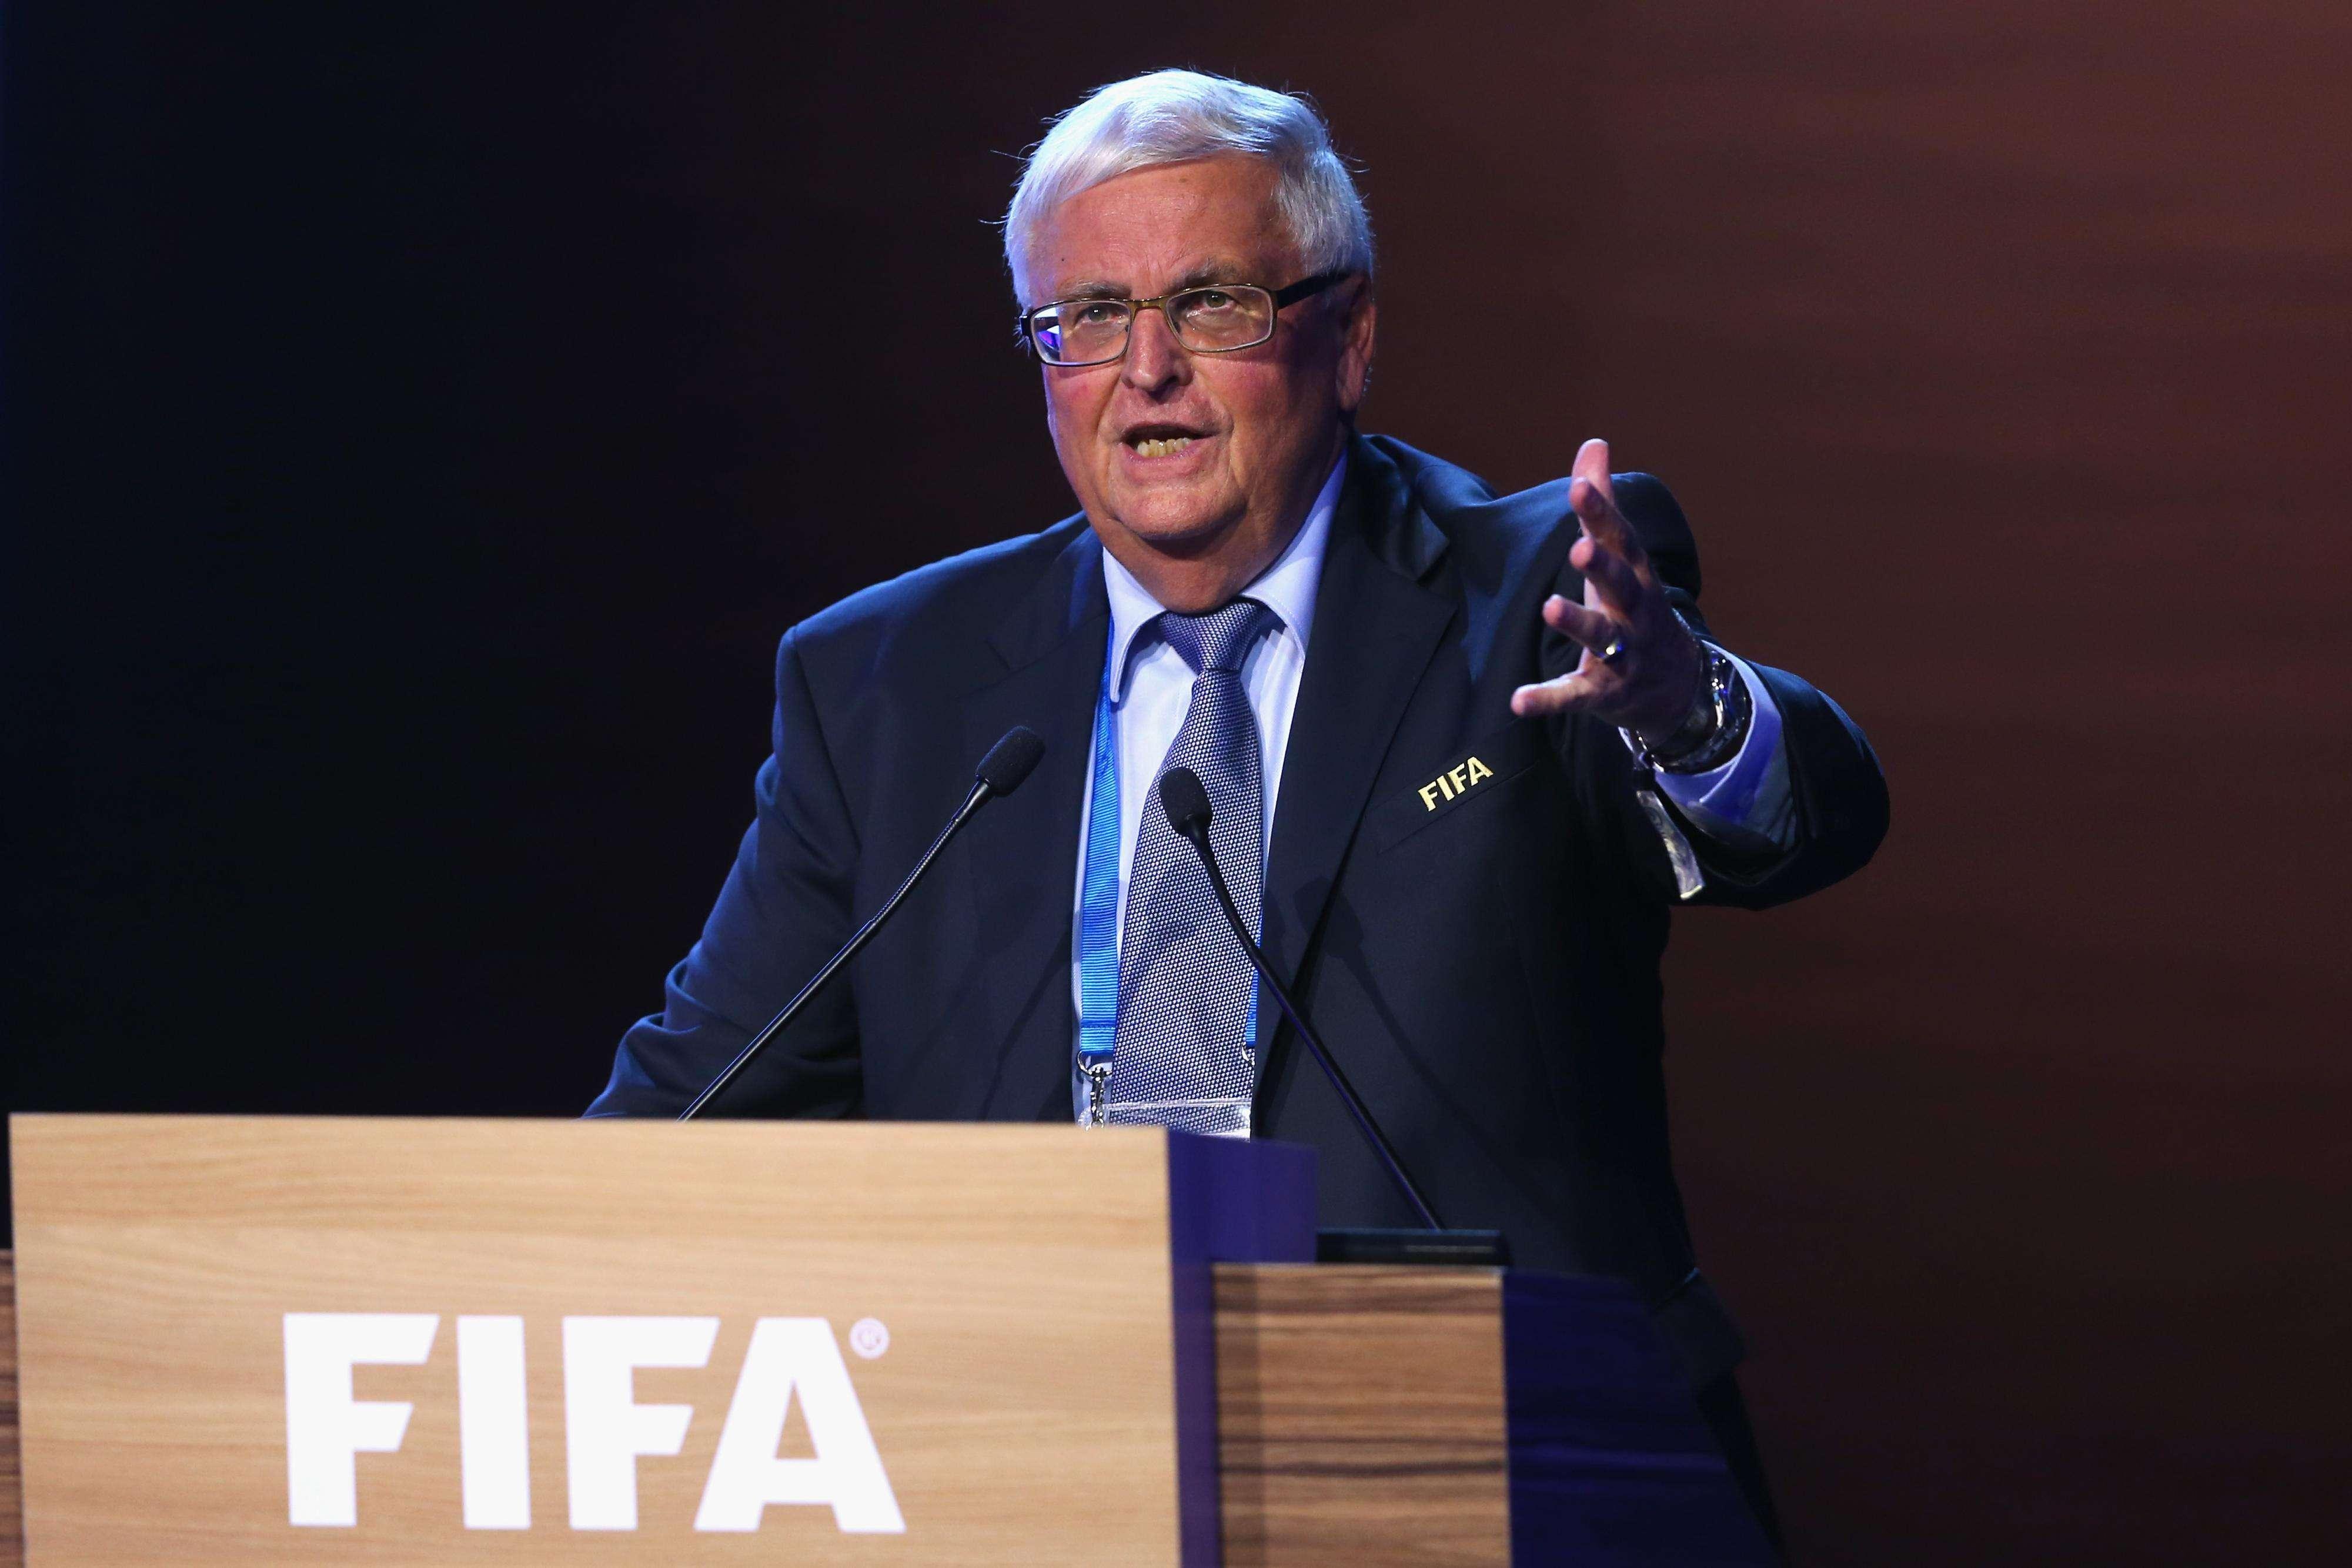 Foto: Alexander Hassenstein - FIFA/Getty Images